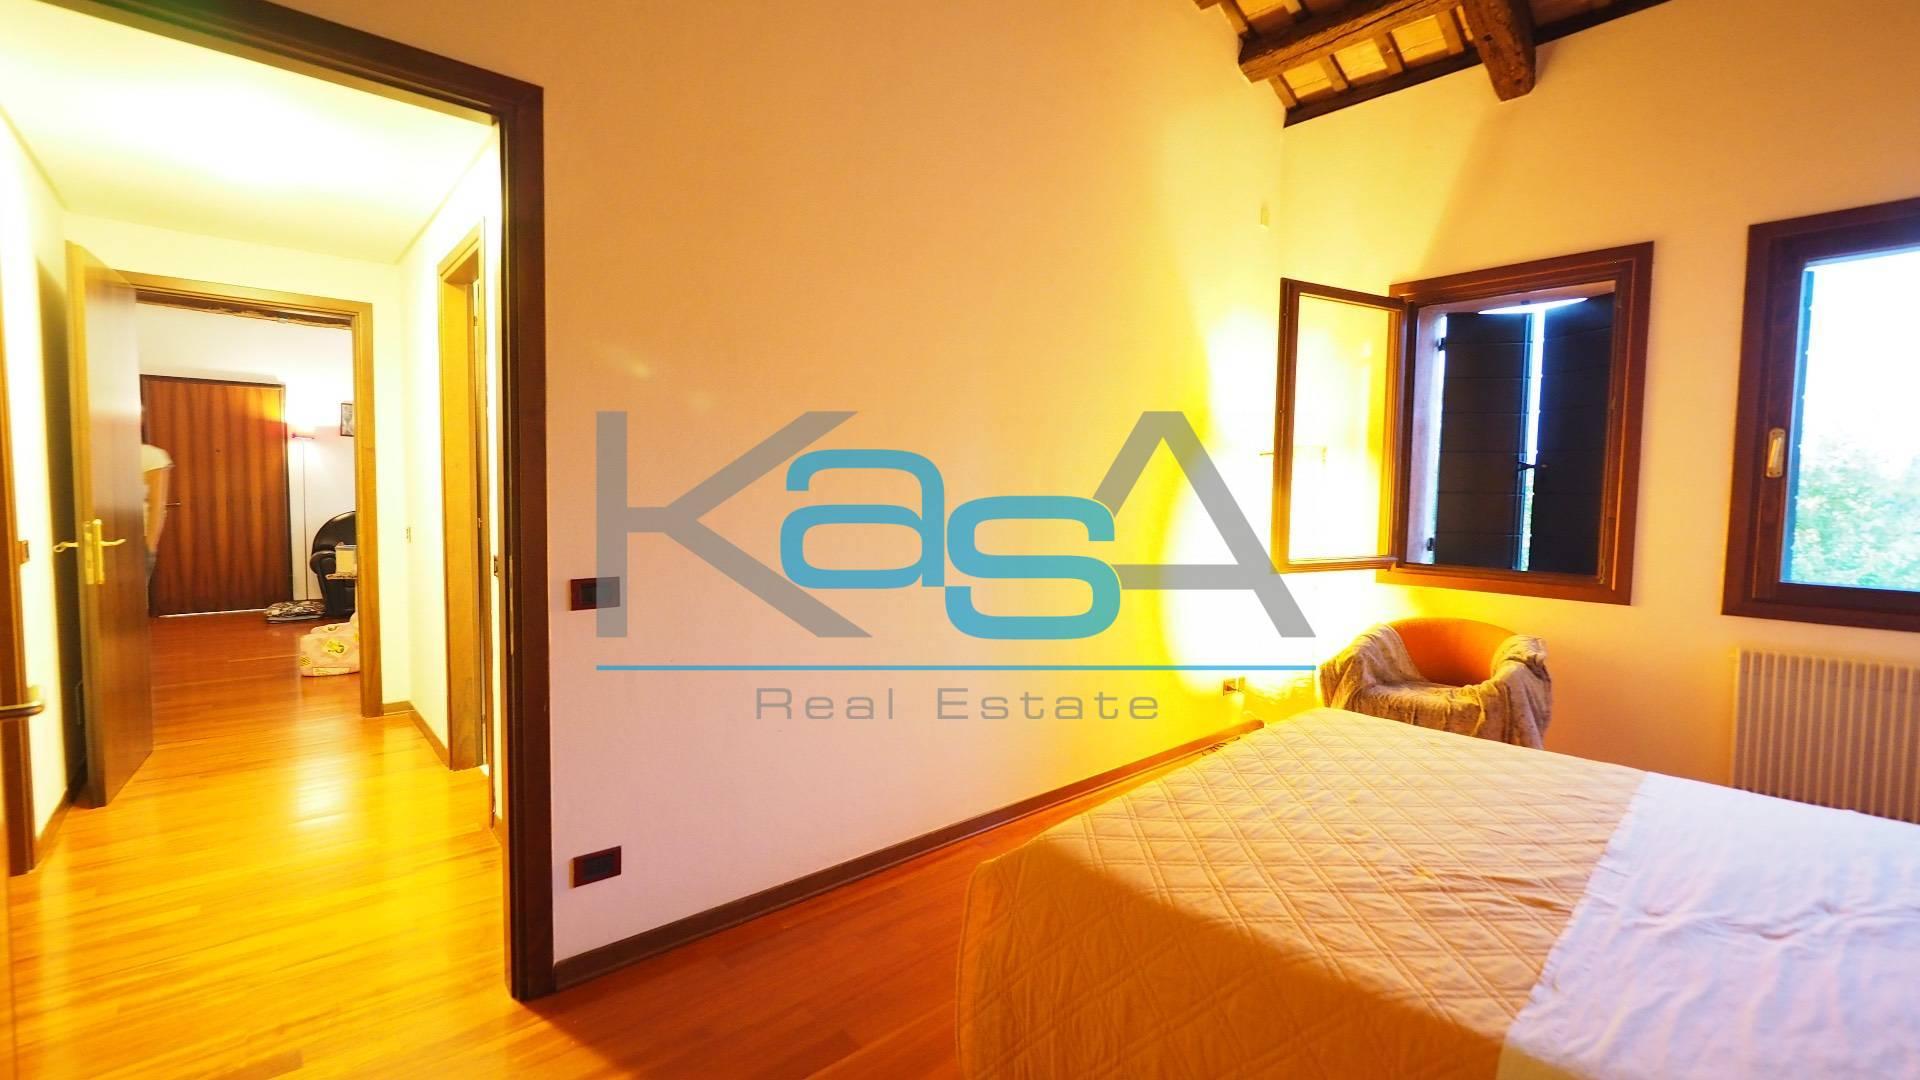 Appartamento in affitto a Villorba, 2 locali, zona Zona: Lancenigo, prezzo € 800 | CambioCasa.it